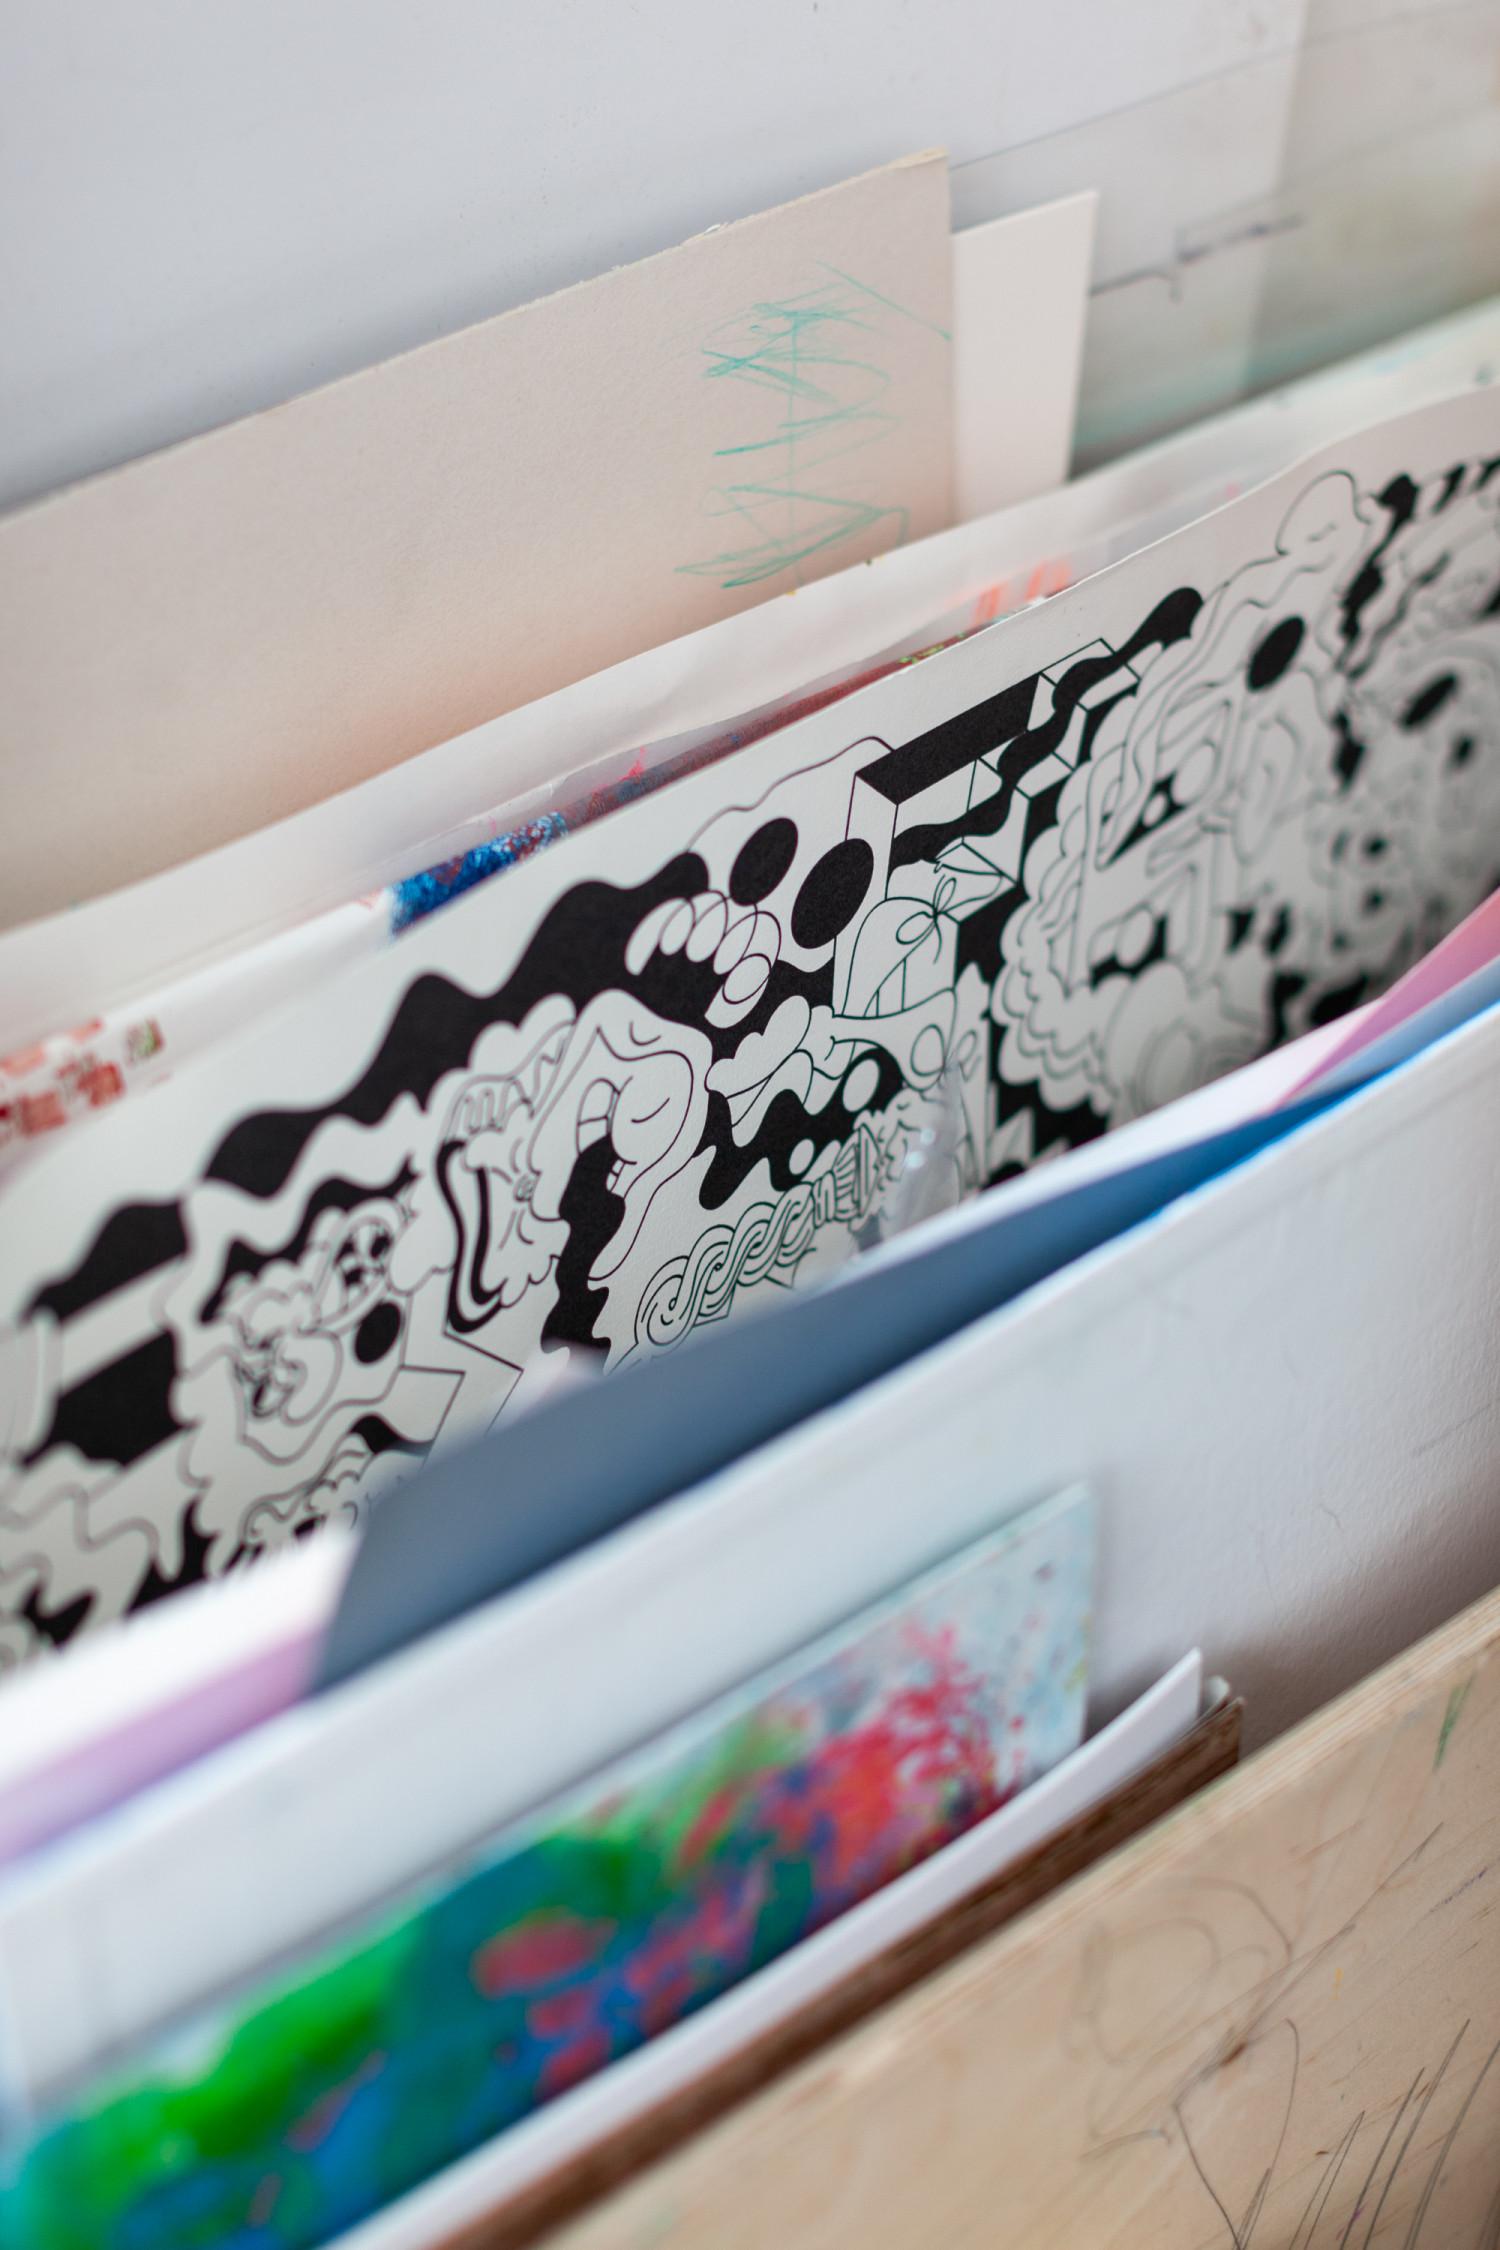 у меня есть огромная фанерная коробка на колесах для бумаги, там хранятся чистые листы и работы художников, которые я покупаю или обмениваюсь